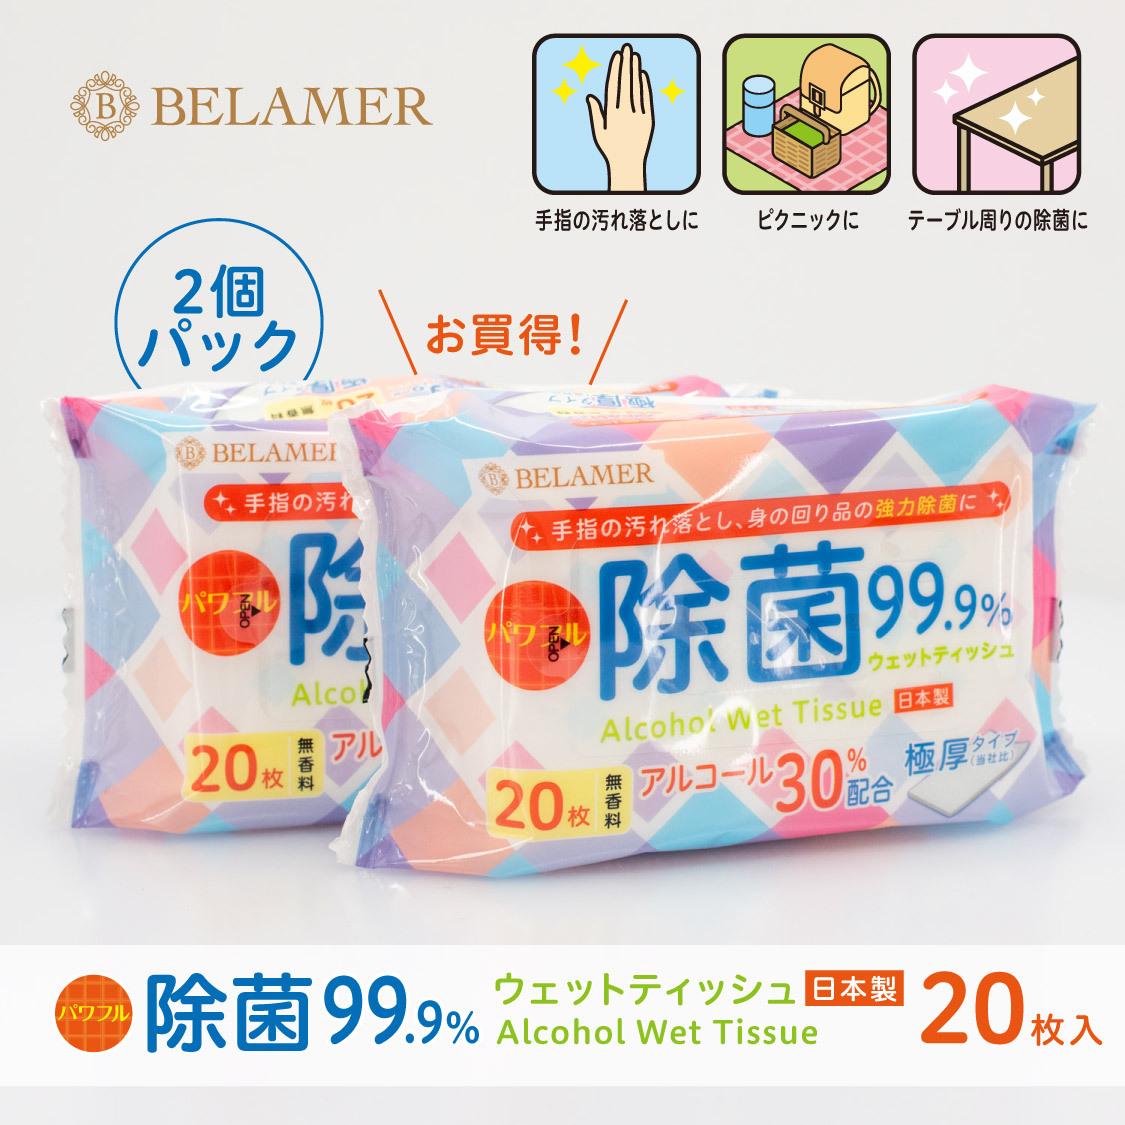 【真夏セール】ベラメル パワフルアルコール30%除菌 極厚おでかけウエットティッシュ(20枚2P)